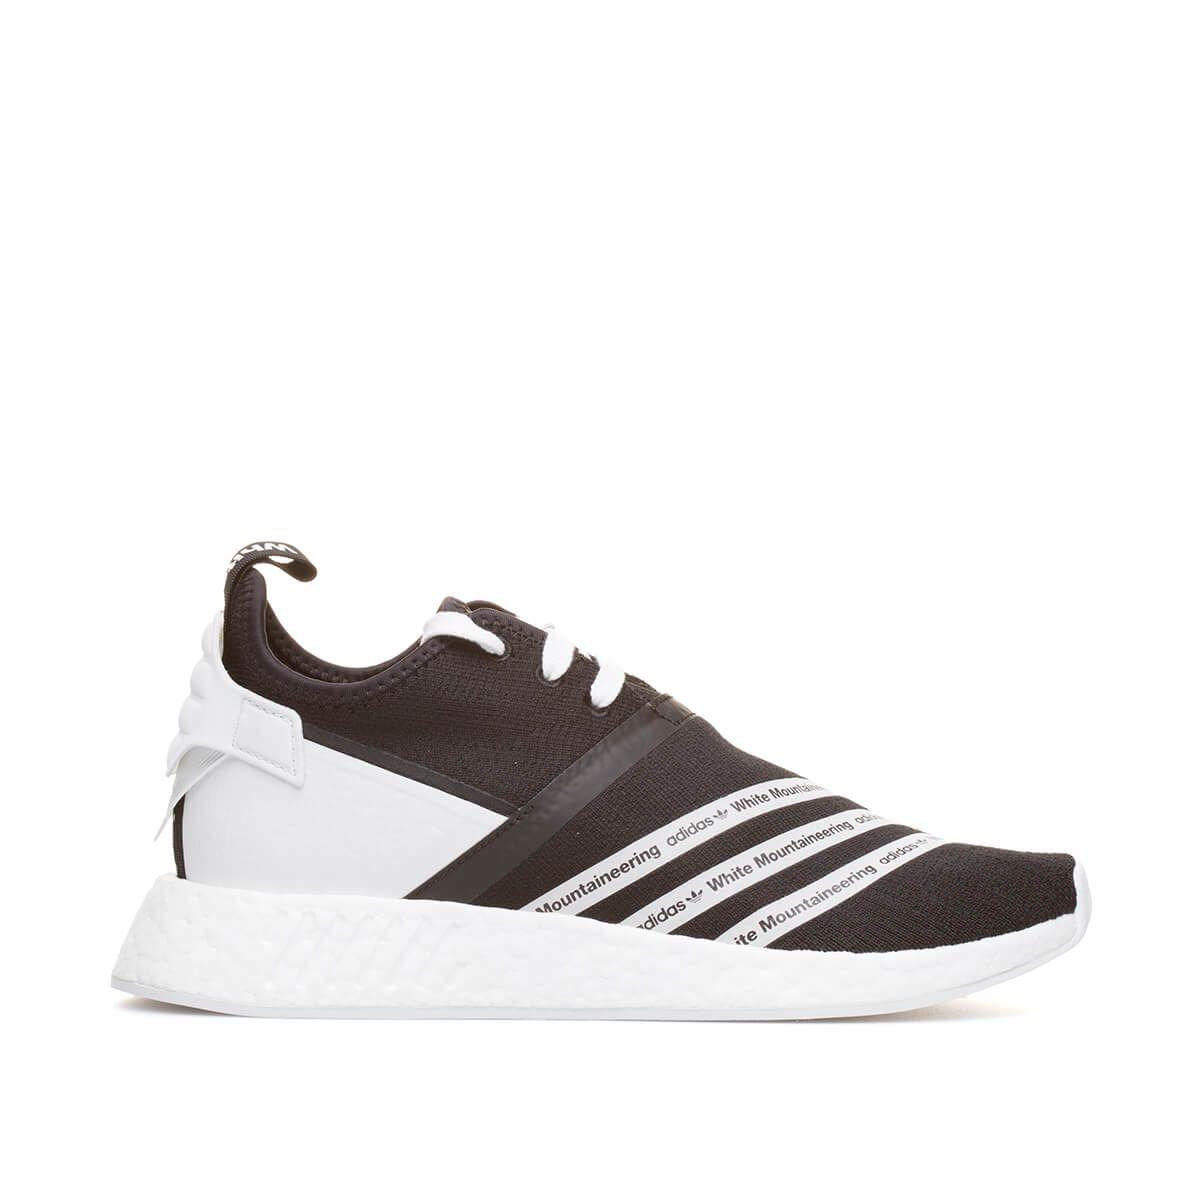 7d9a1e560 ADIDAS X WHITE MOUNTAINEERING WM NMD R2 PK.  adidasxwhitemountaineering   shoes